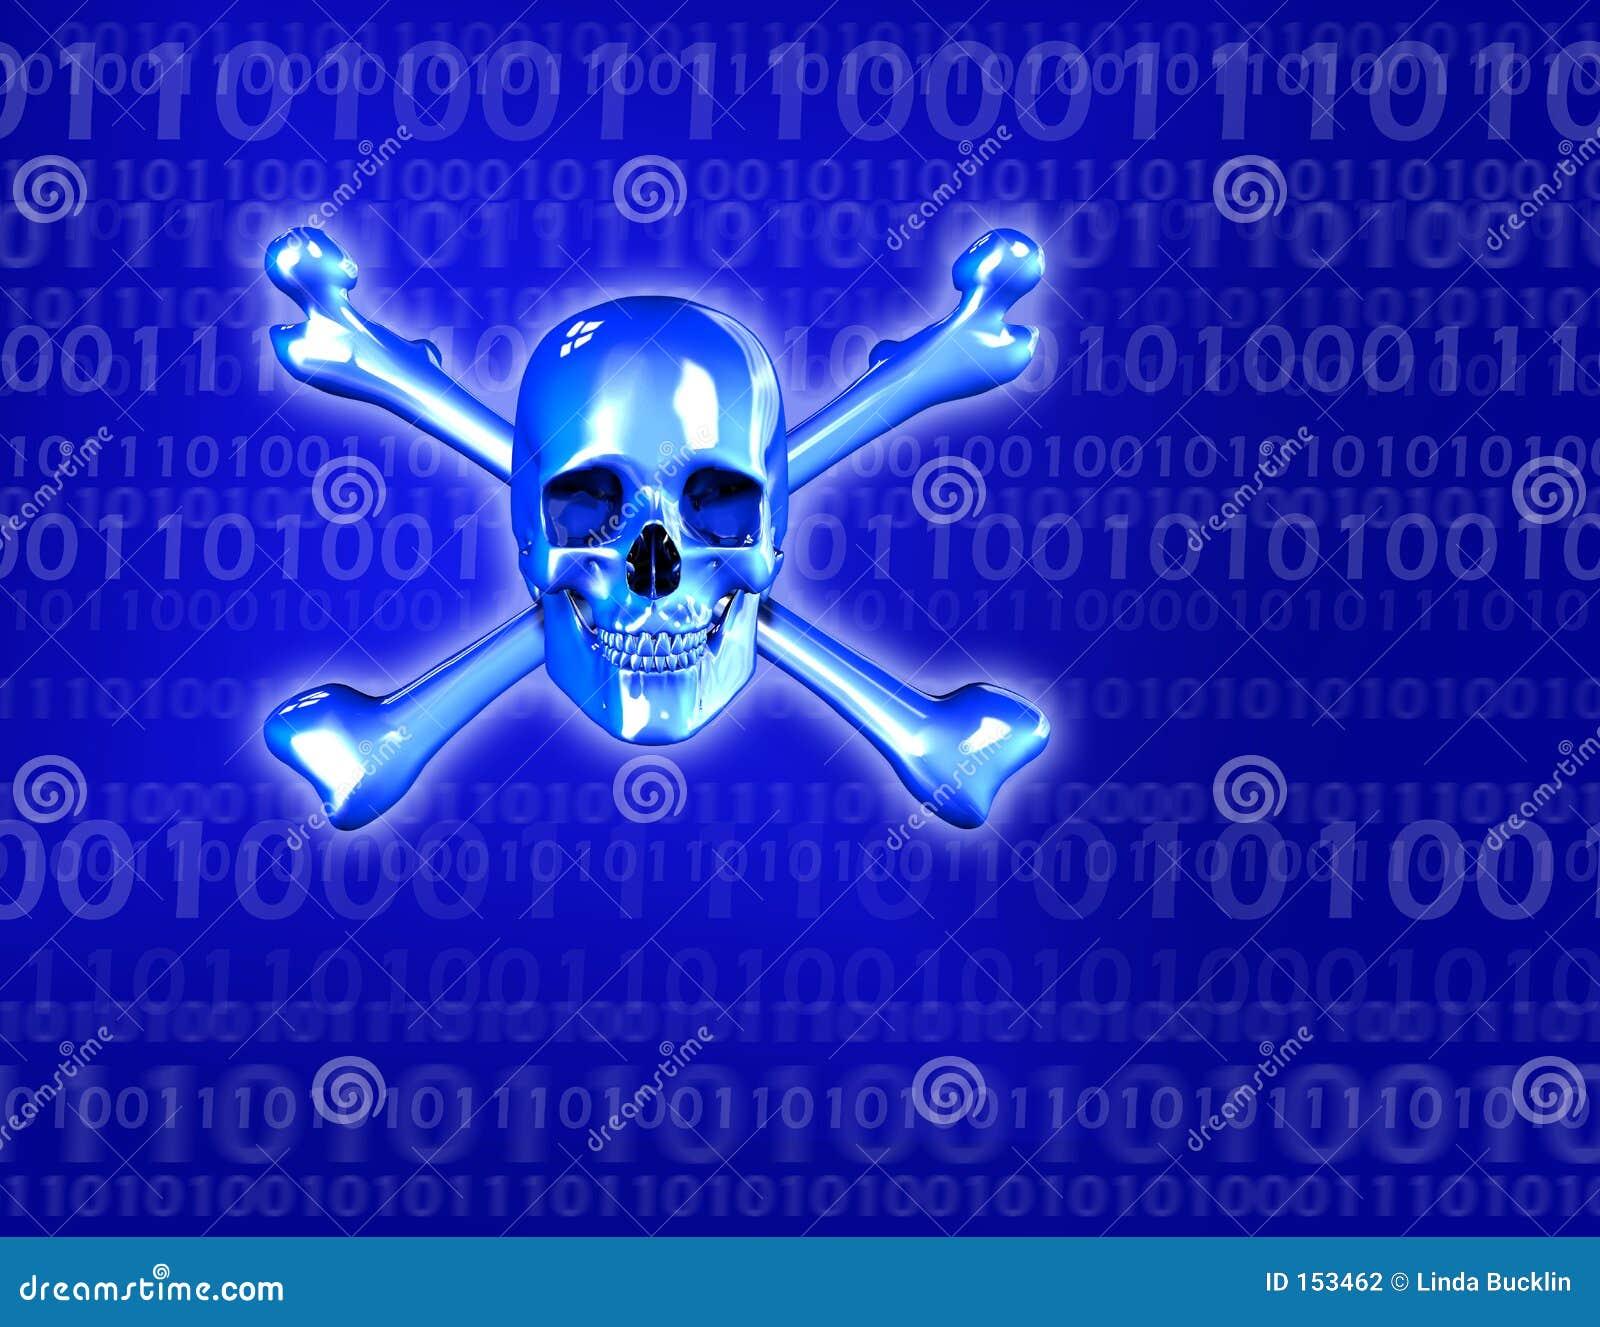 Digital Danger